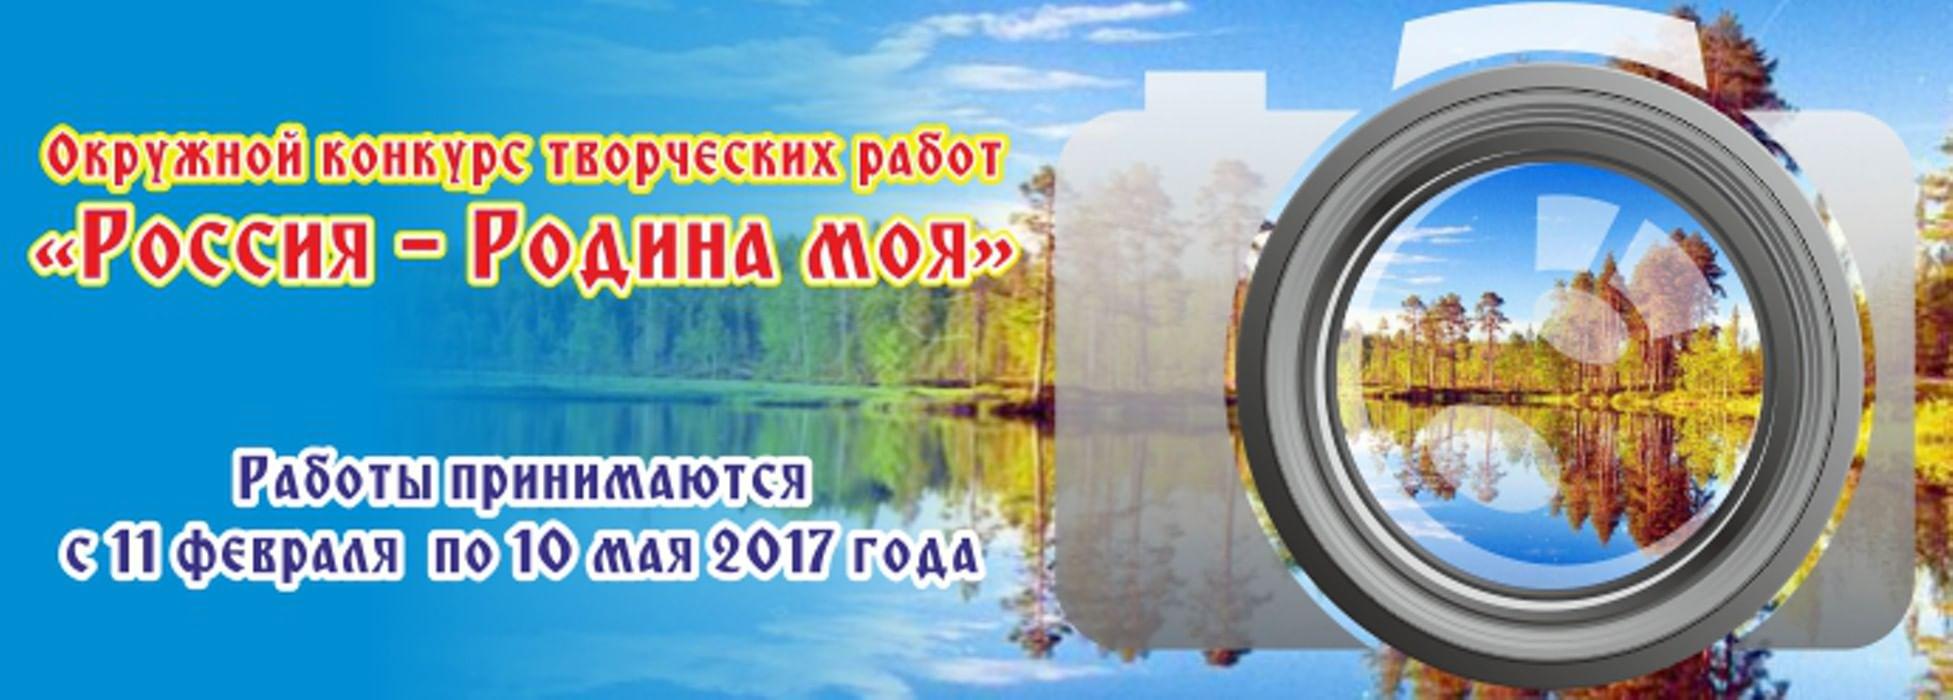 российский конкурс фотографий 2016